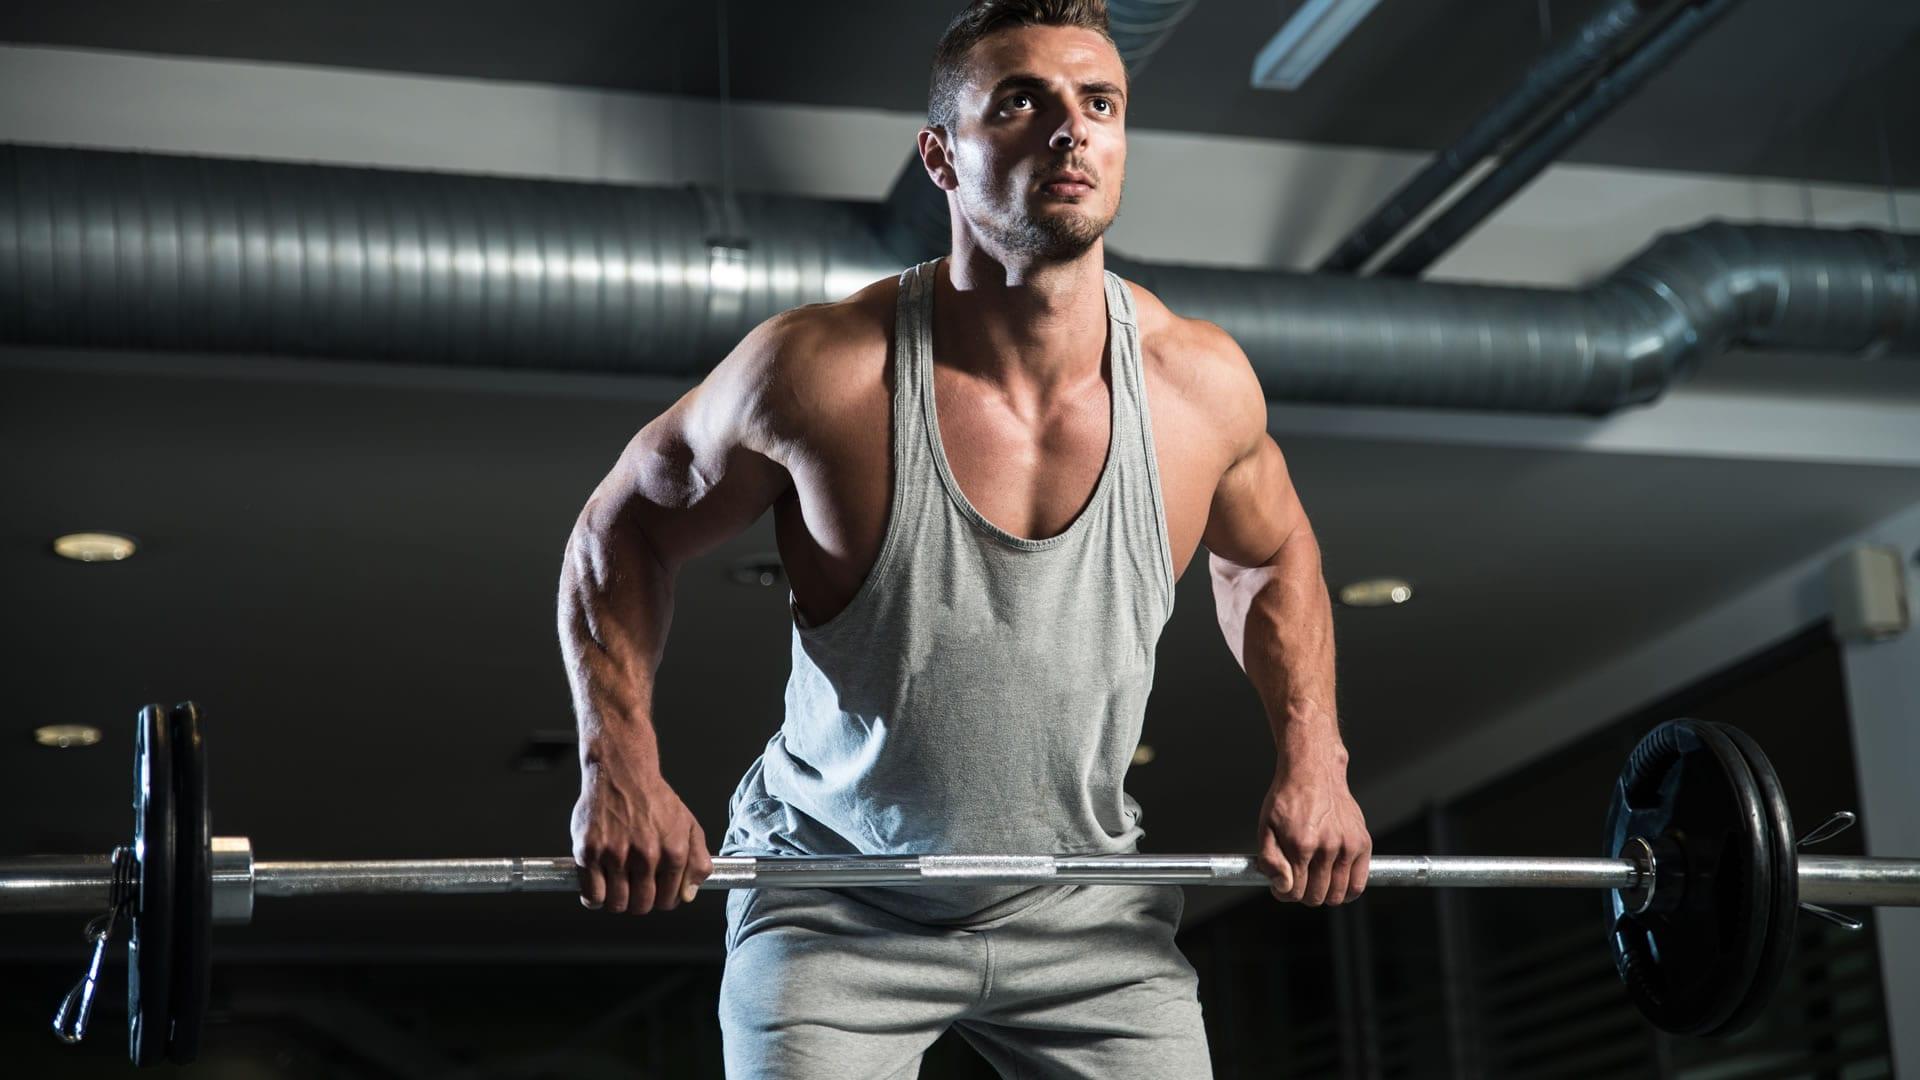 En el gym 15 - 1 part 1